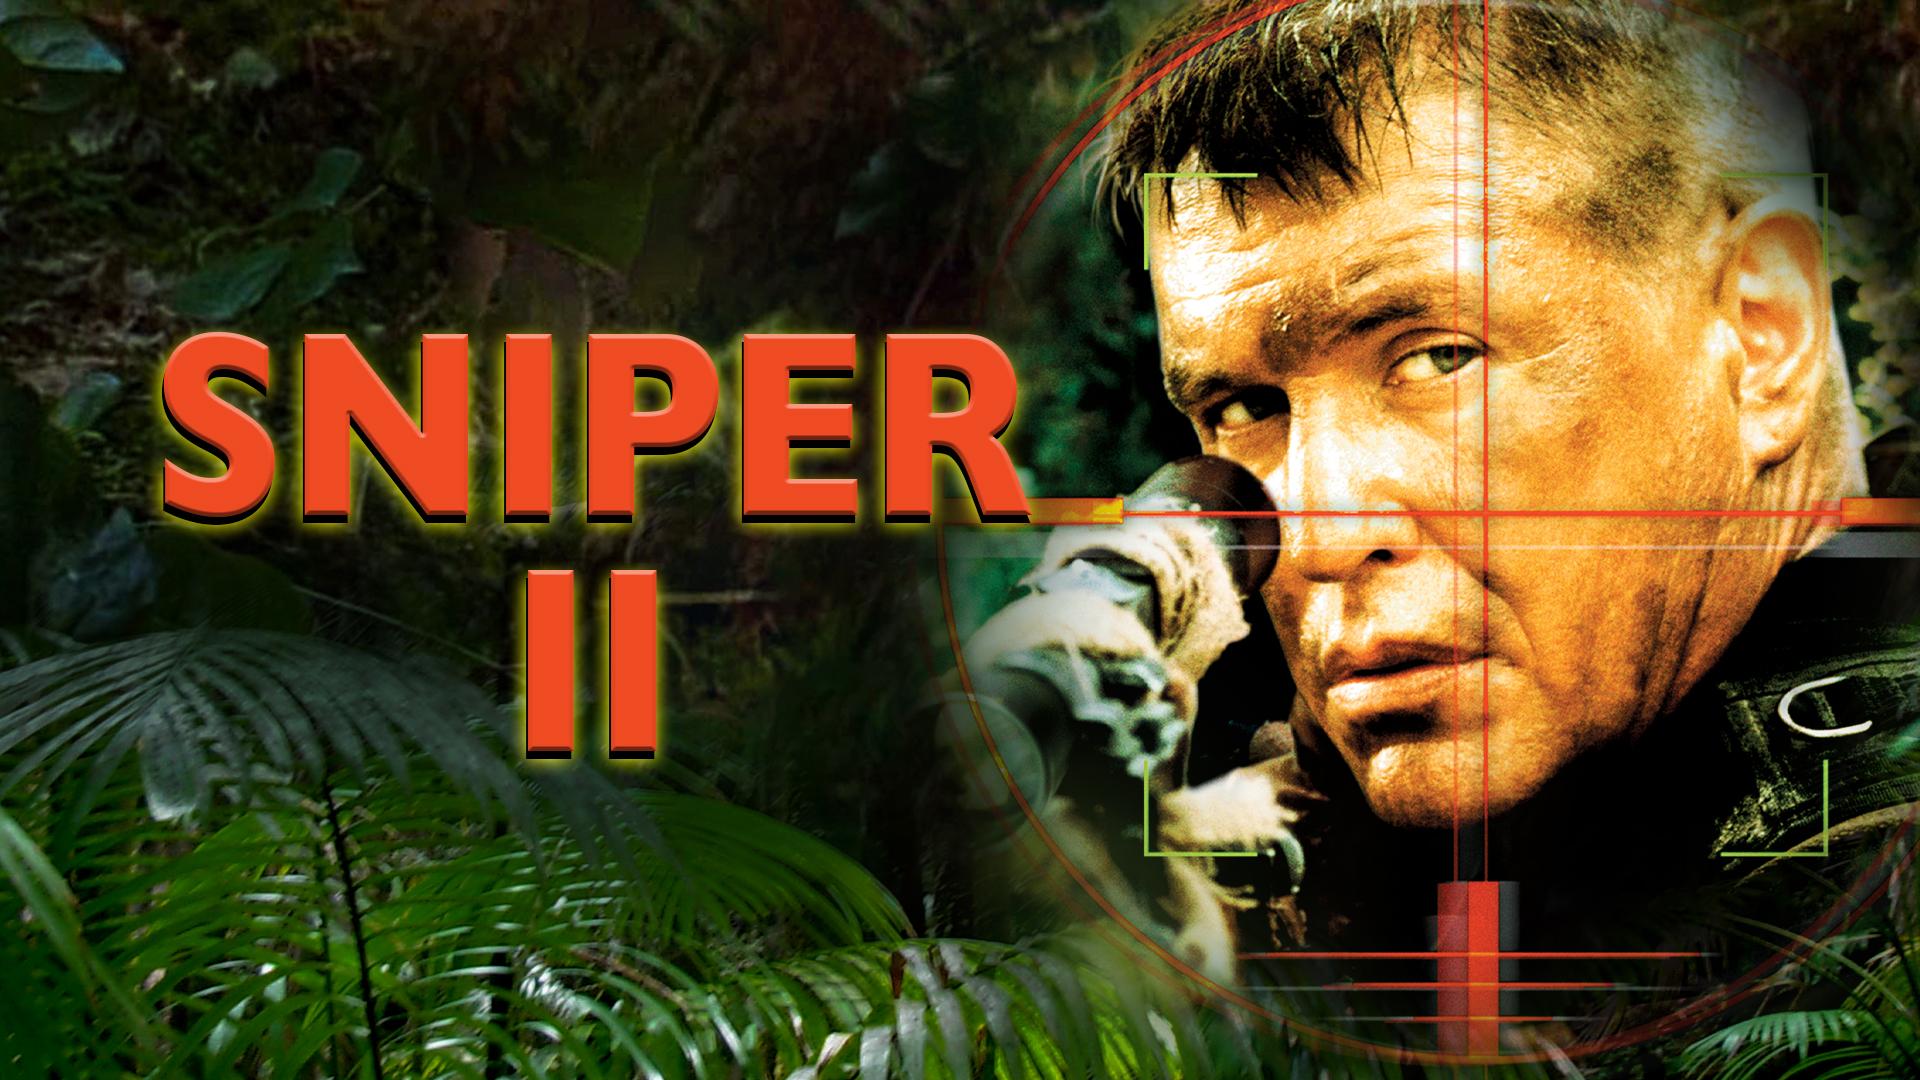 Sniper II